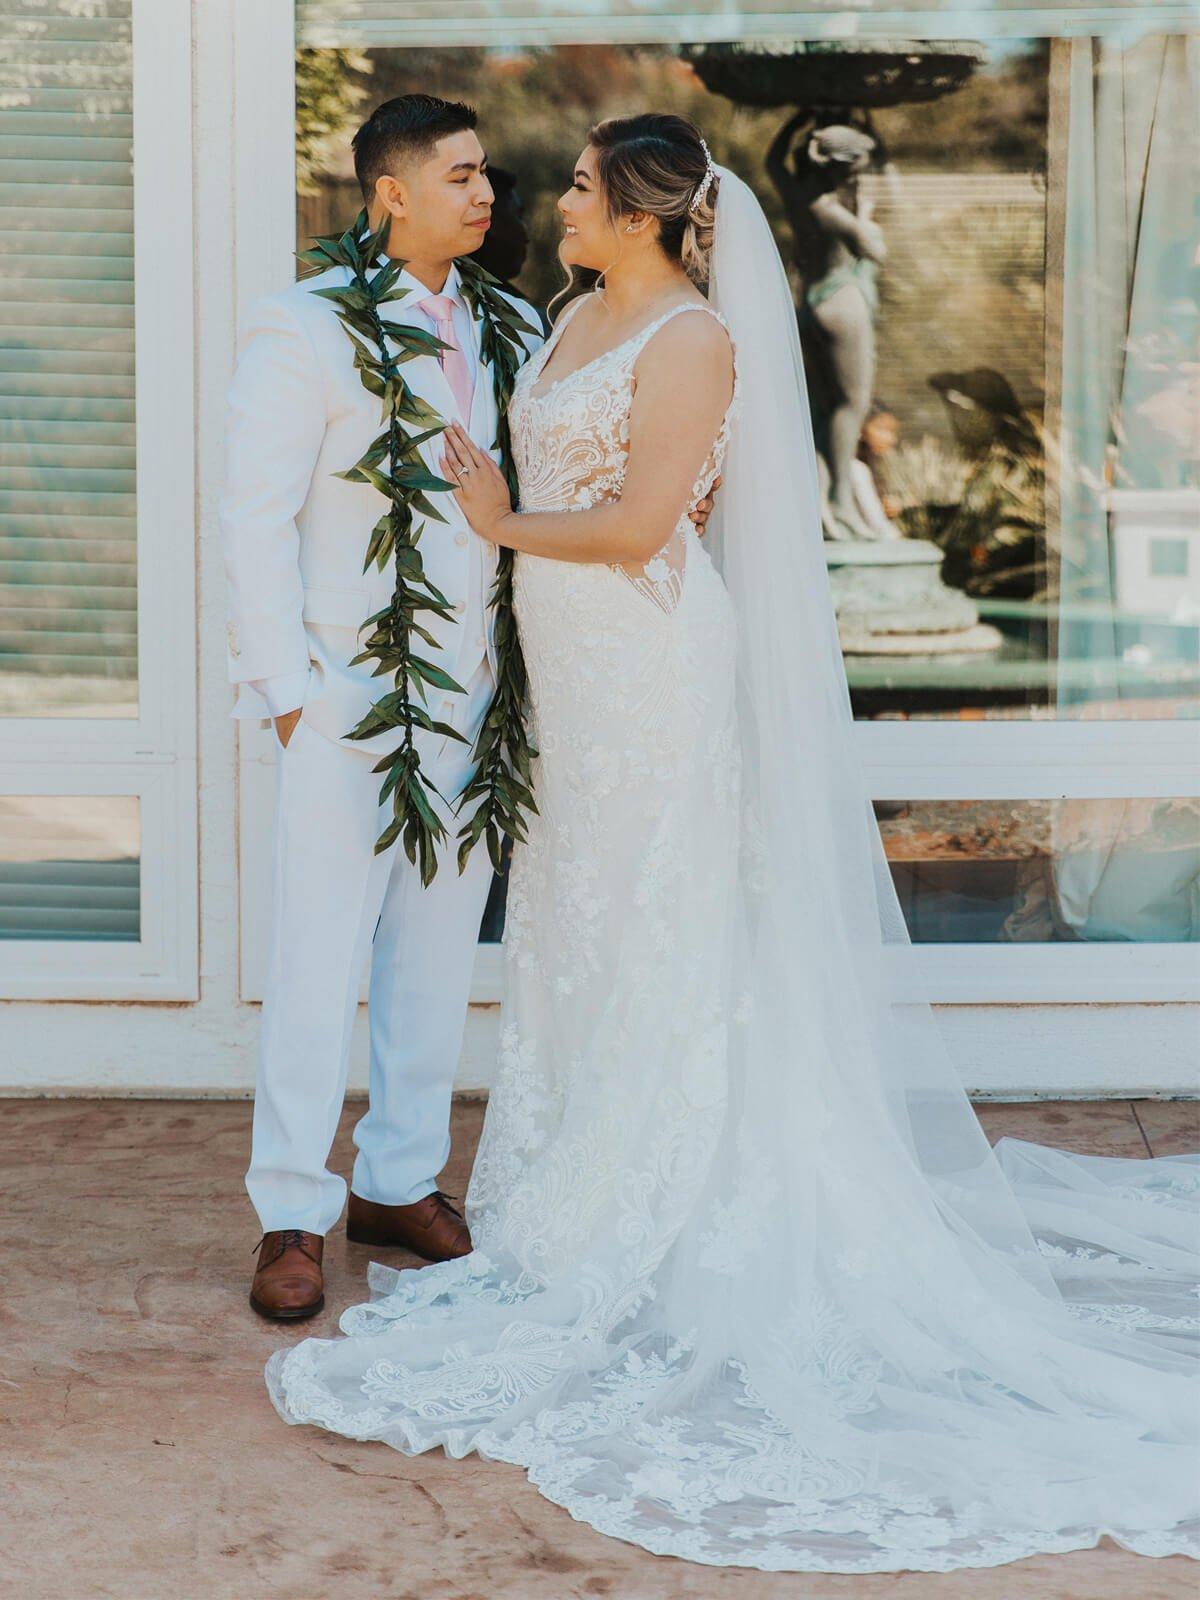 Congratulations to the official Mr. & Mrs. Aguinaldo!